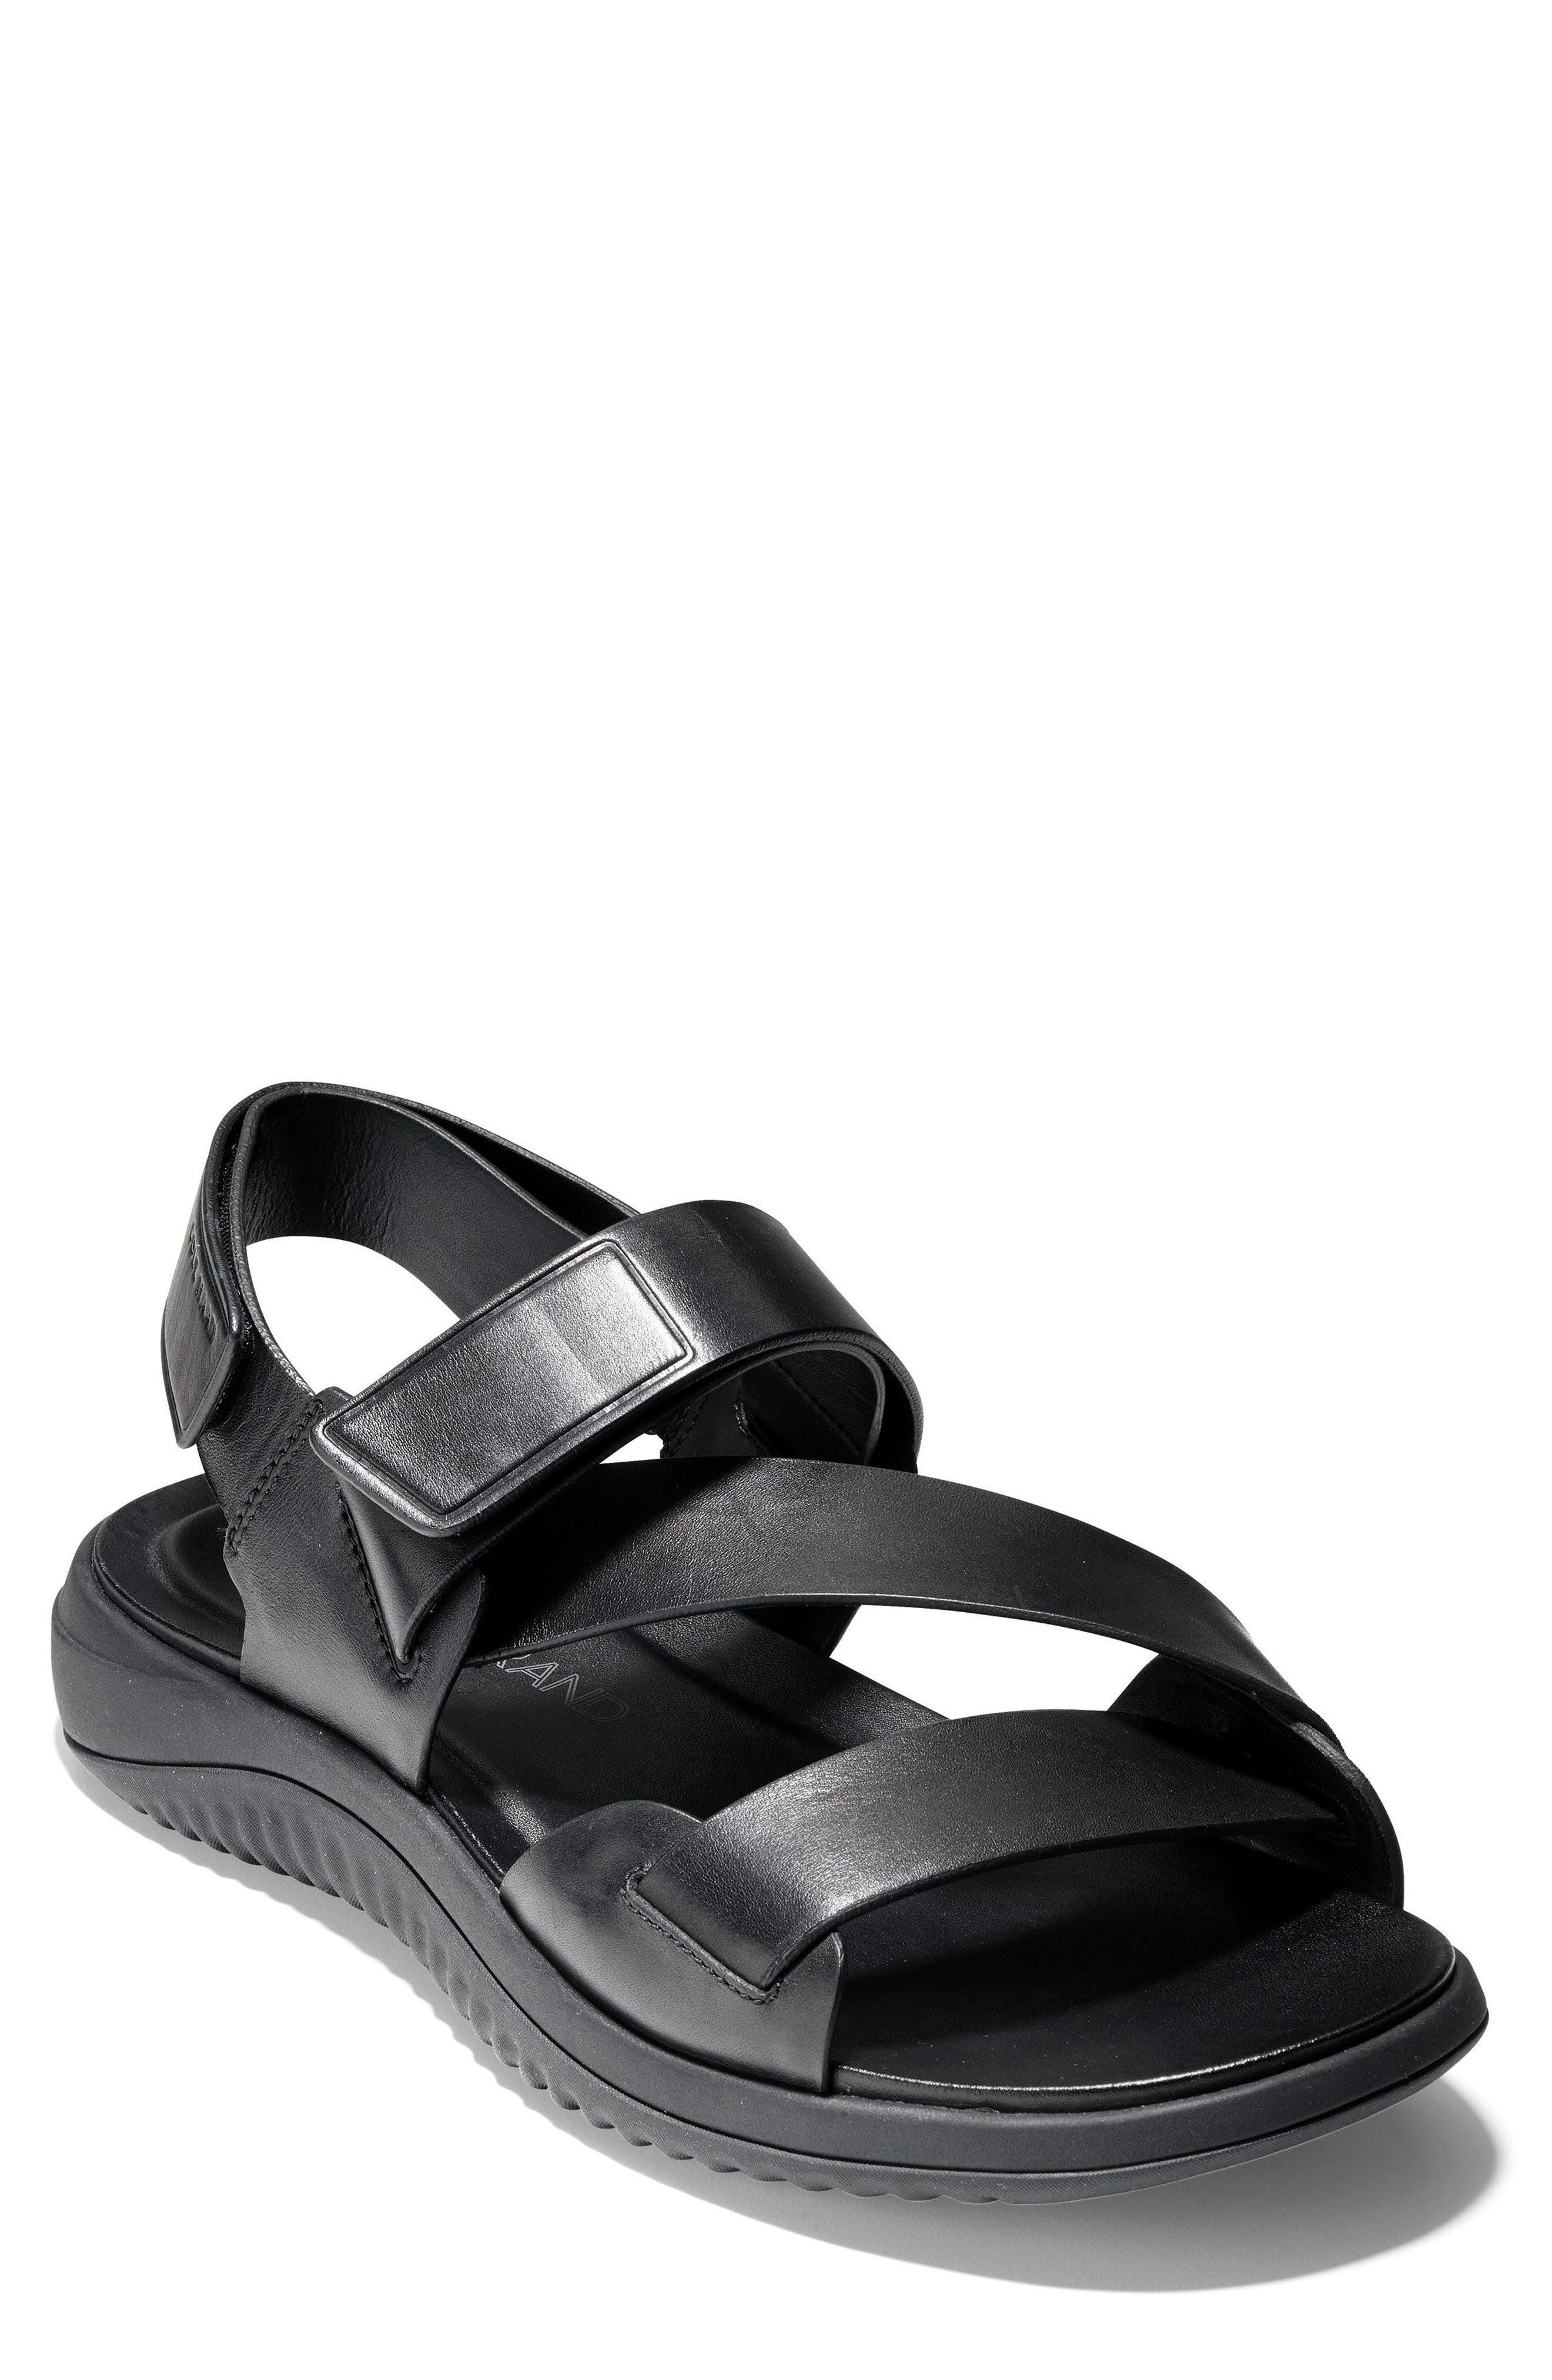 2.ZeroGrand Multistrap Sandal,                         Main,                         color, 003